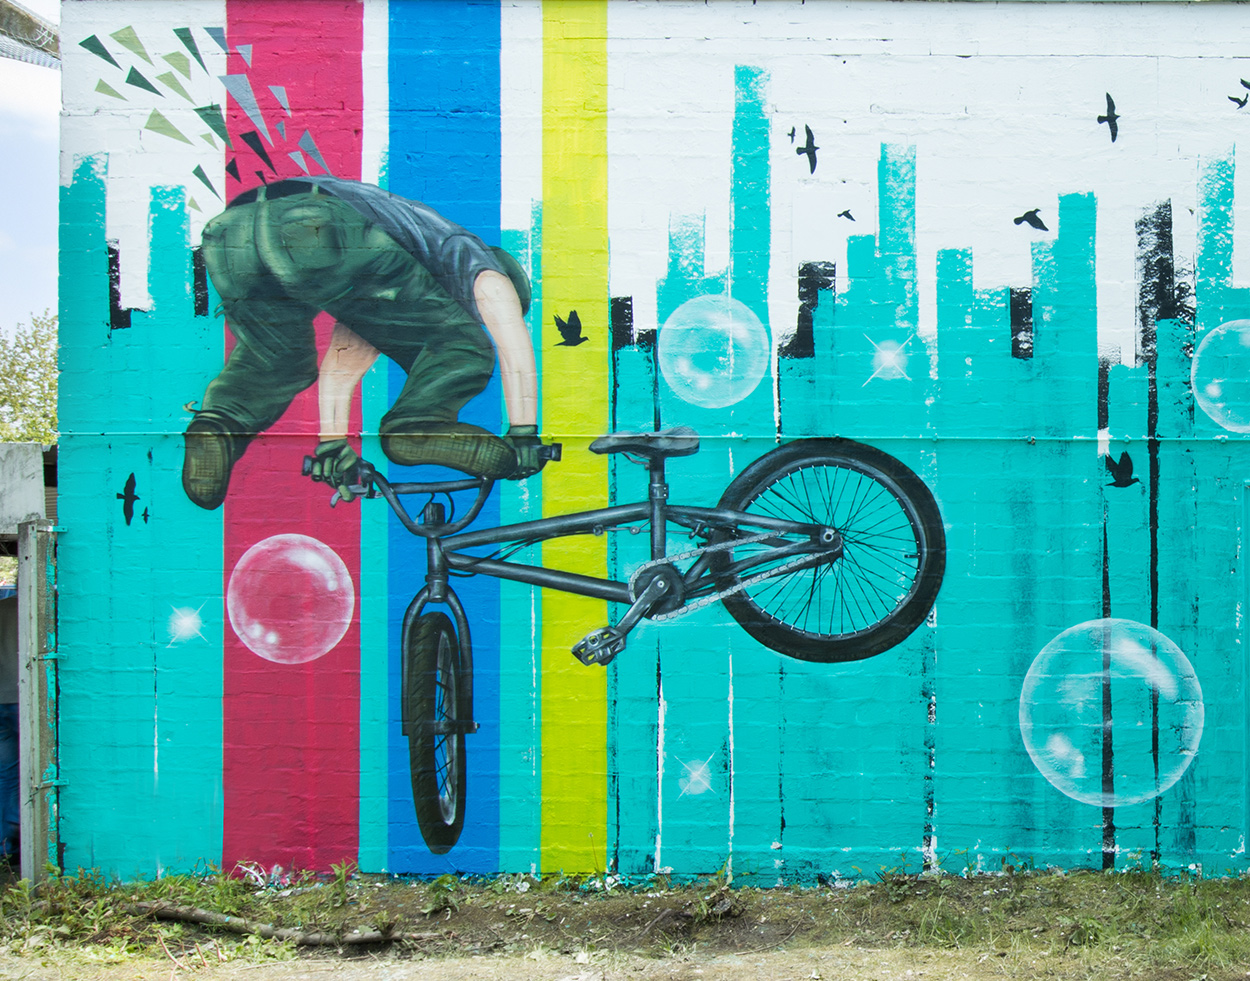 Fassadengestaltung Graffiti mit Basketball und BMX